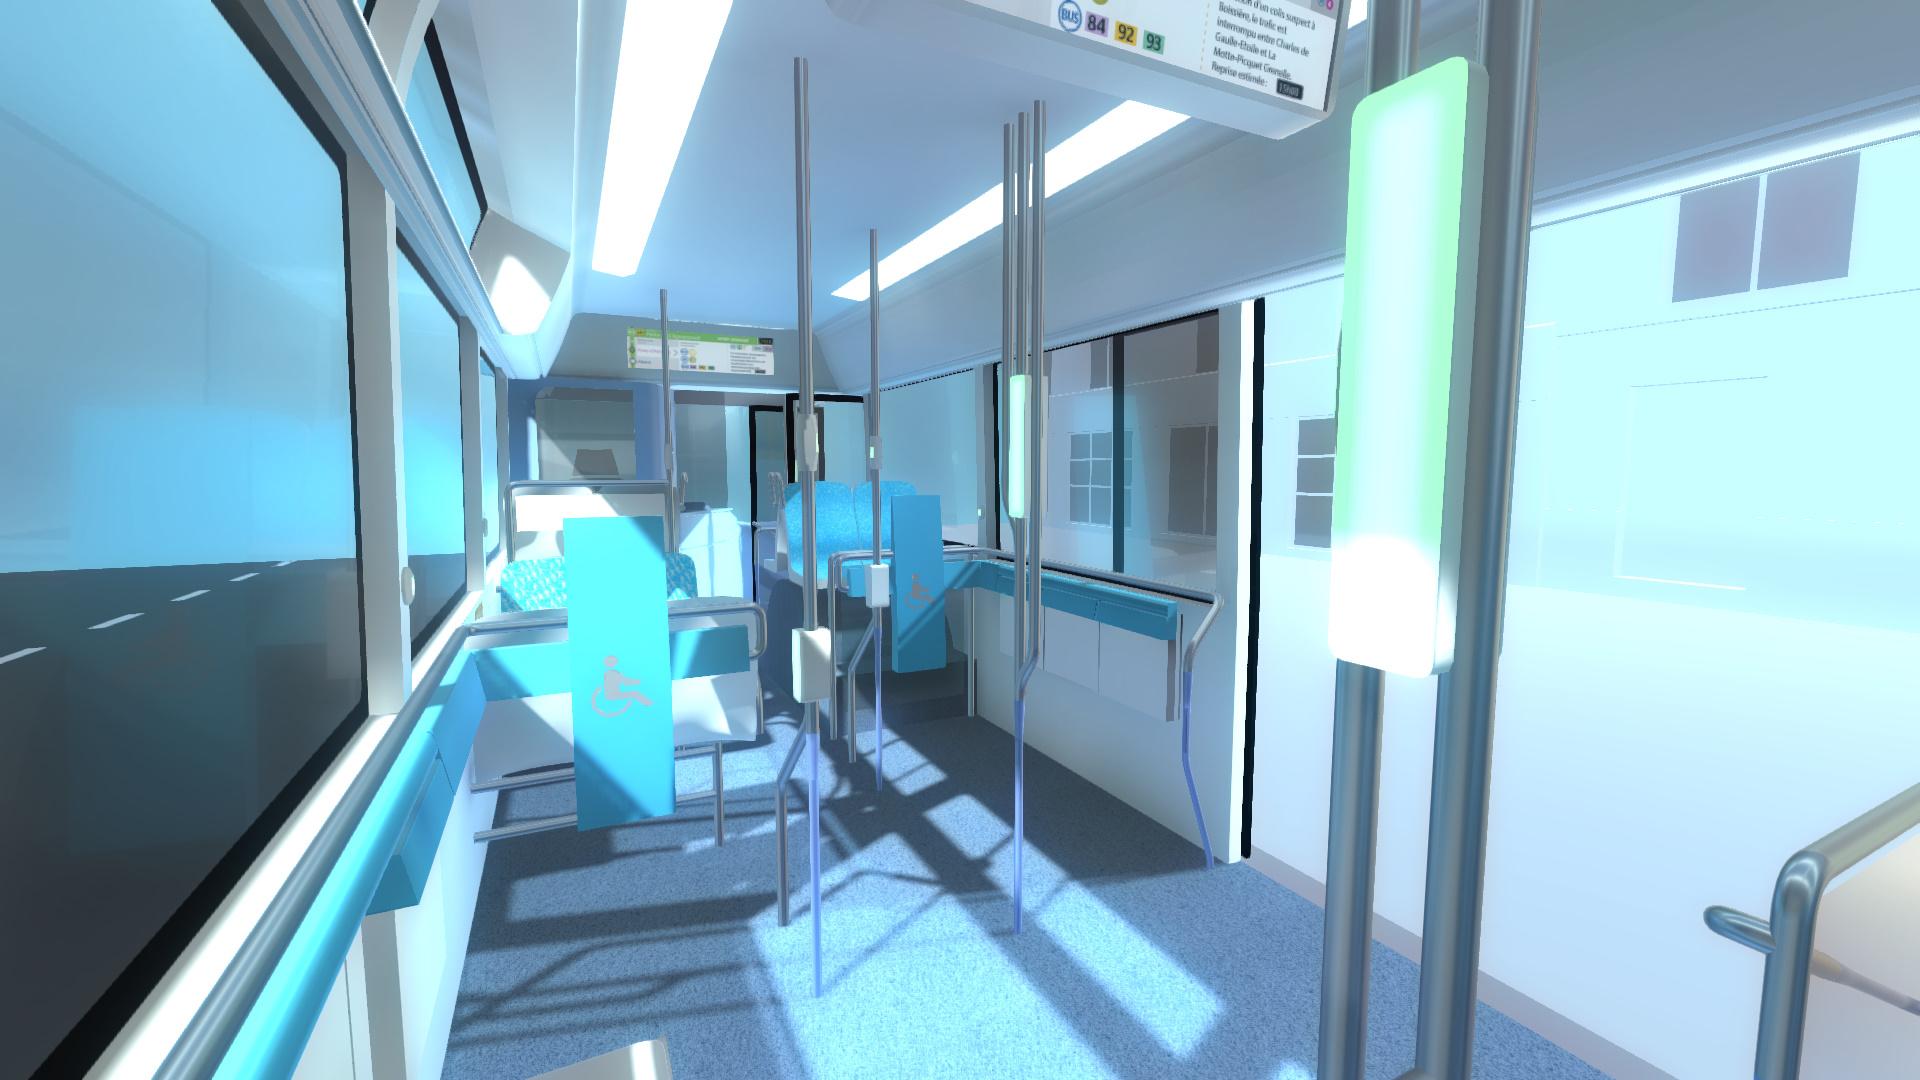 visite virtuelle en 3D du bus RATP (intérieur)